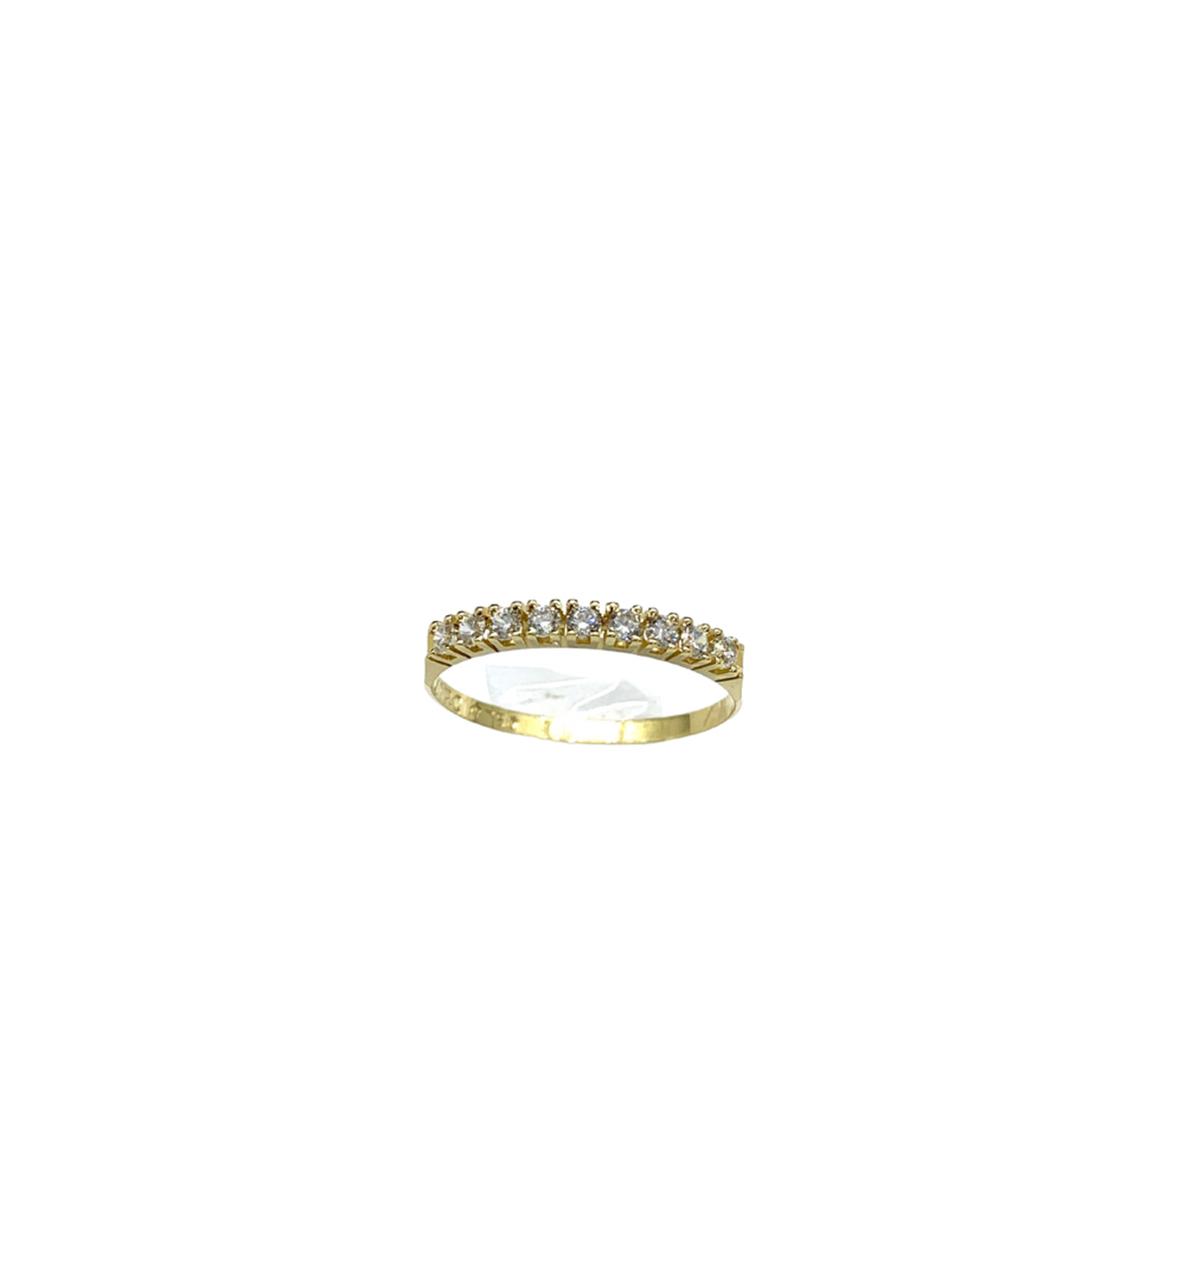 Meia Aliança Ouro 18k Cravejada 2,0mm Jjoias Premium